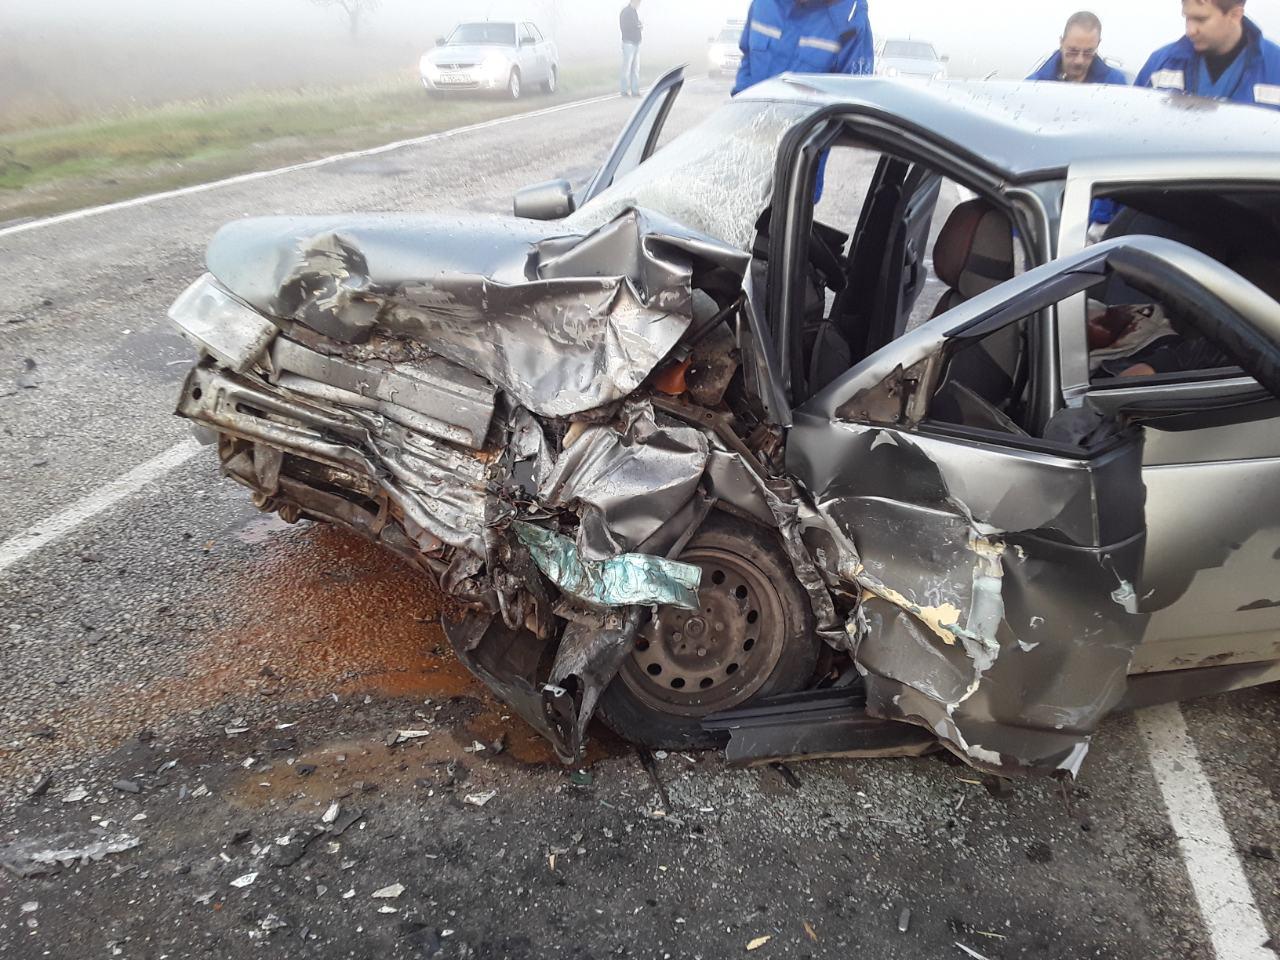 Погибший и четверо пострадавших: подробности страшного ДТП в Крыму